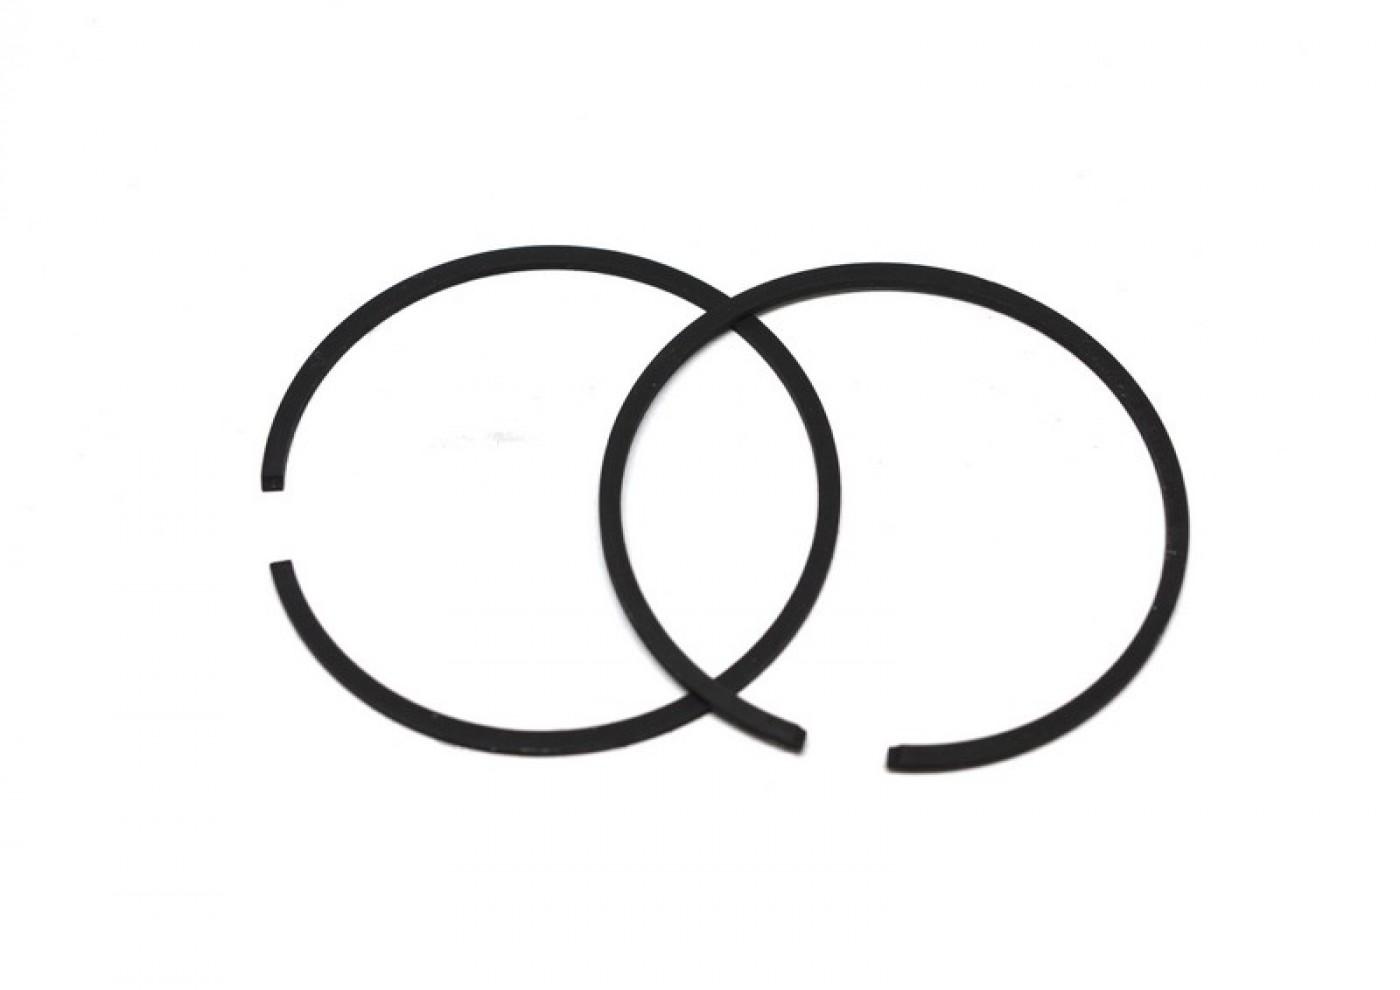 Sada pístních kroužků Partner 350 351